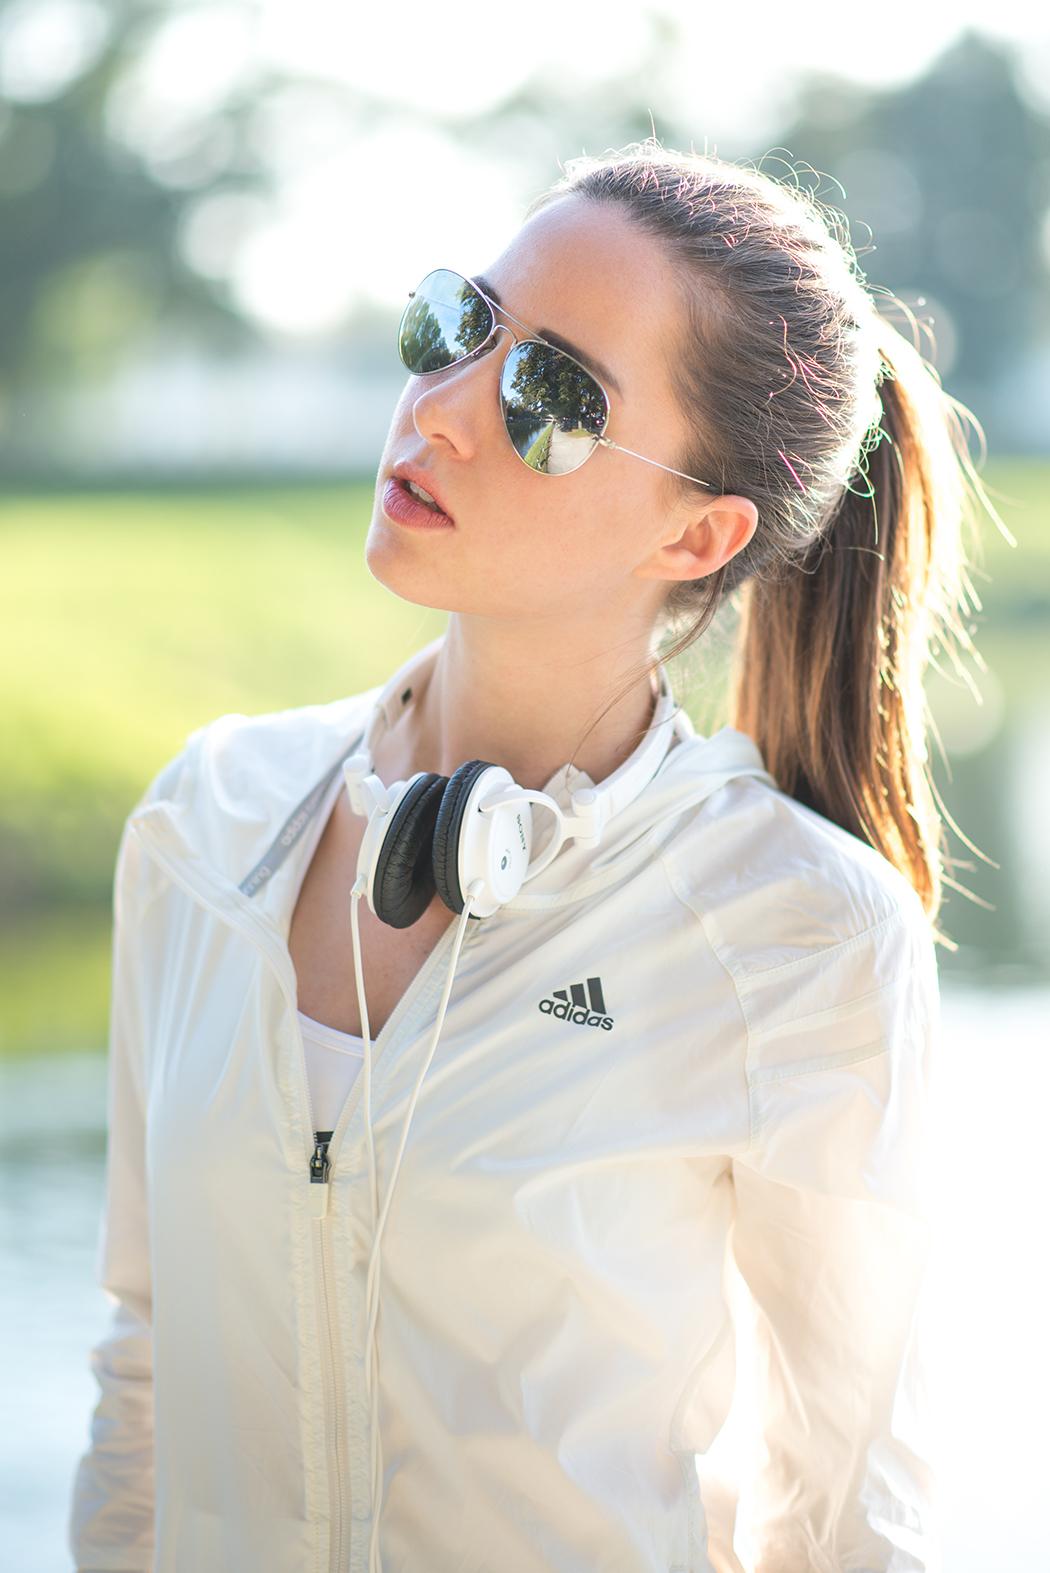 Adidas-Boost-Jogging-München-Fitnessblogger-Deutschland-3